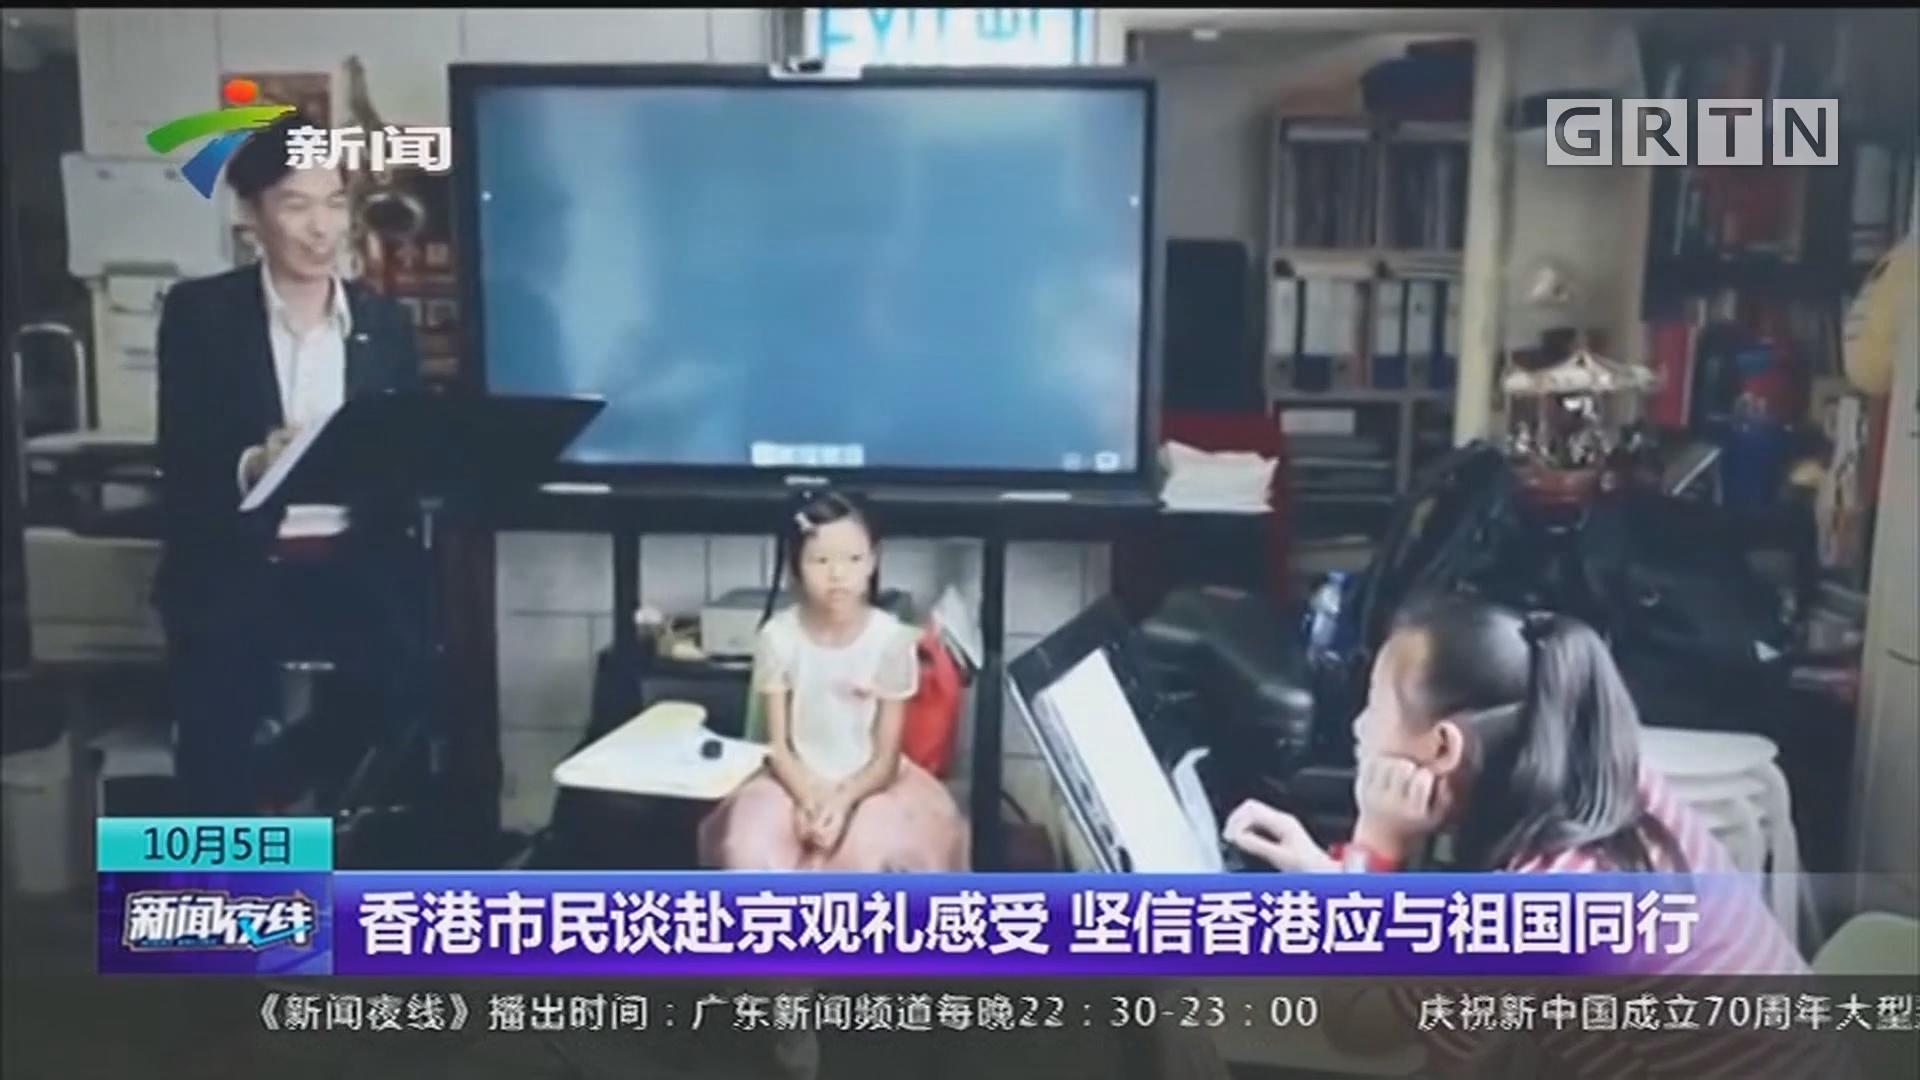 香港市民谈赴京观礼感受 坚信香港应与祖国同行